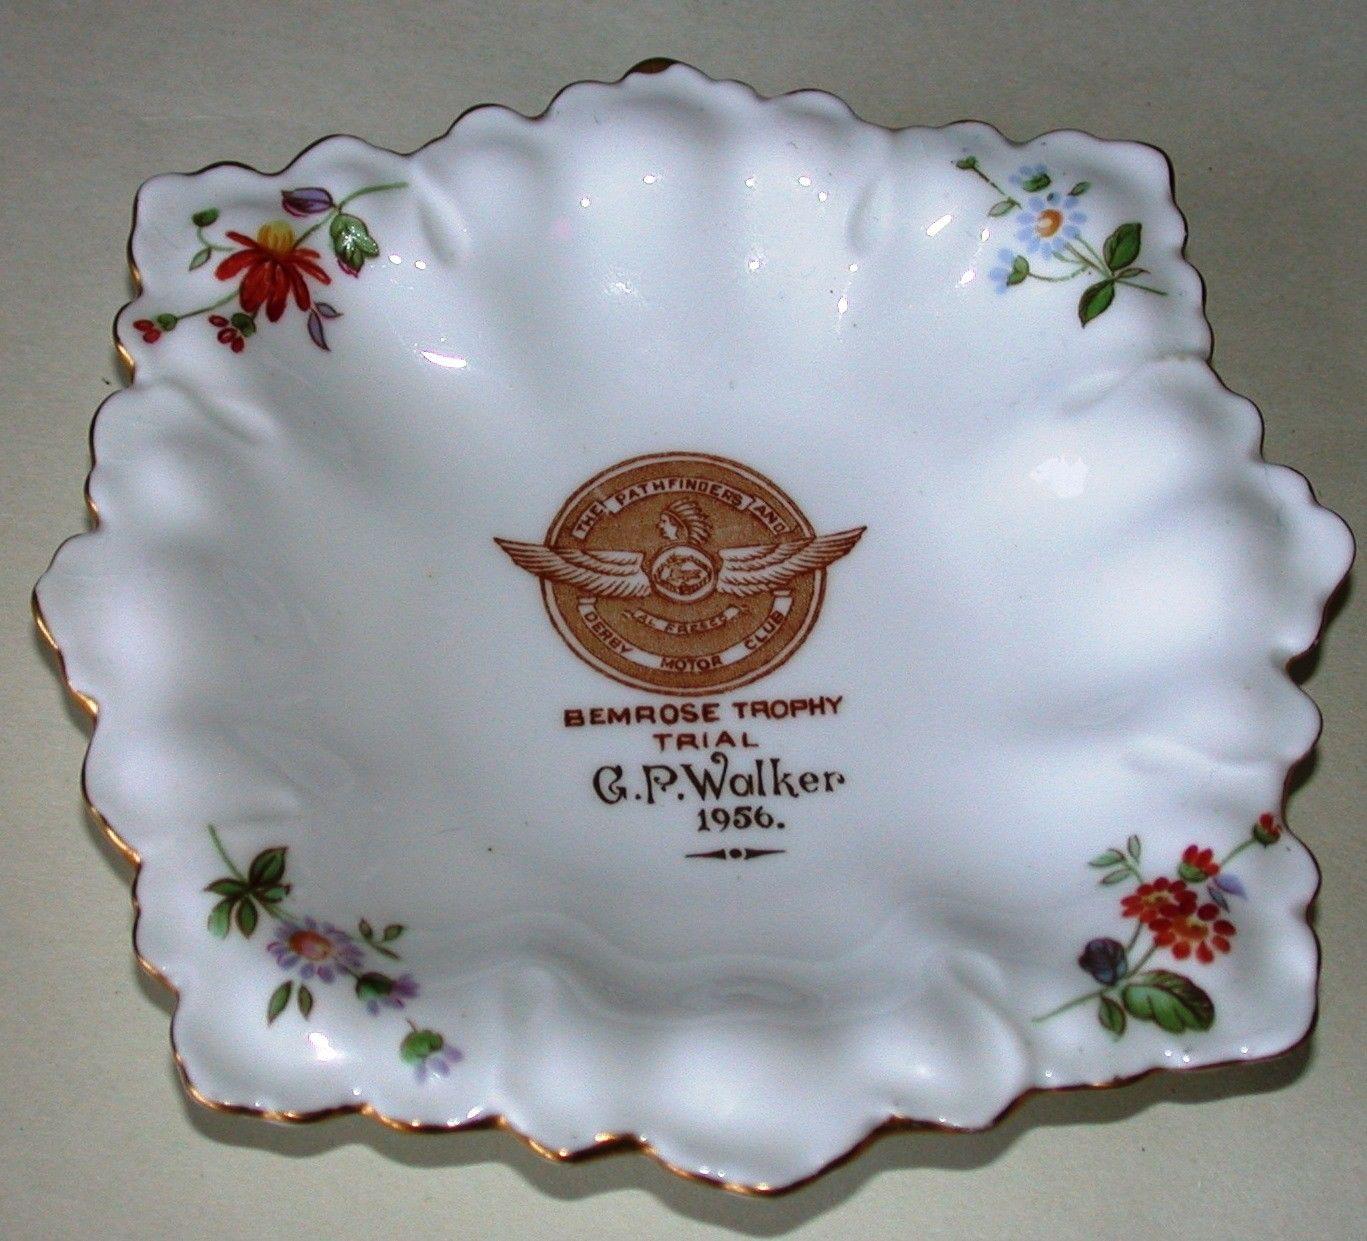 royal-crown-derby-bemrose-trophy-trial-posie-sweet-dish-shape-no.-986-cp-walker-1956